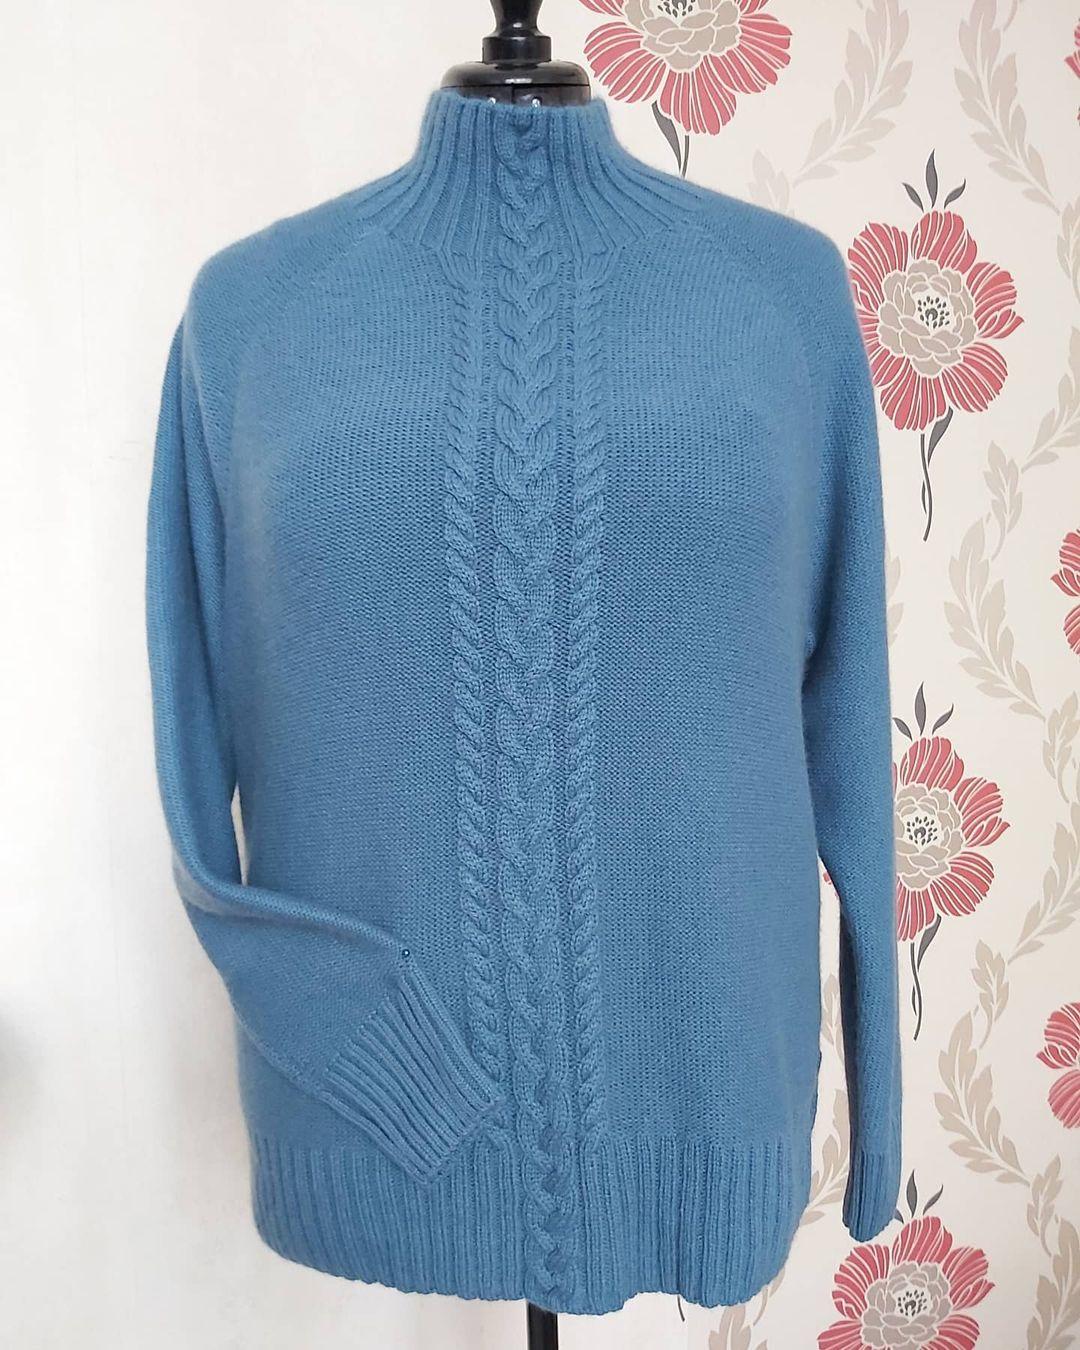 свитер из монгольского кашемира сарлаг